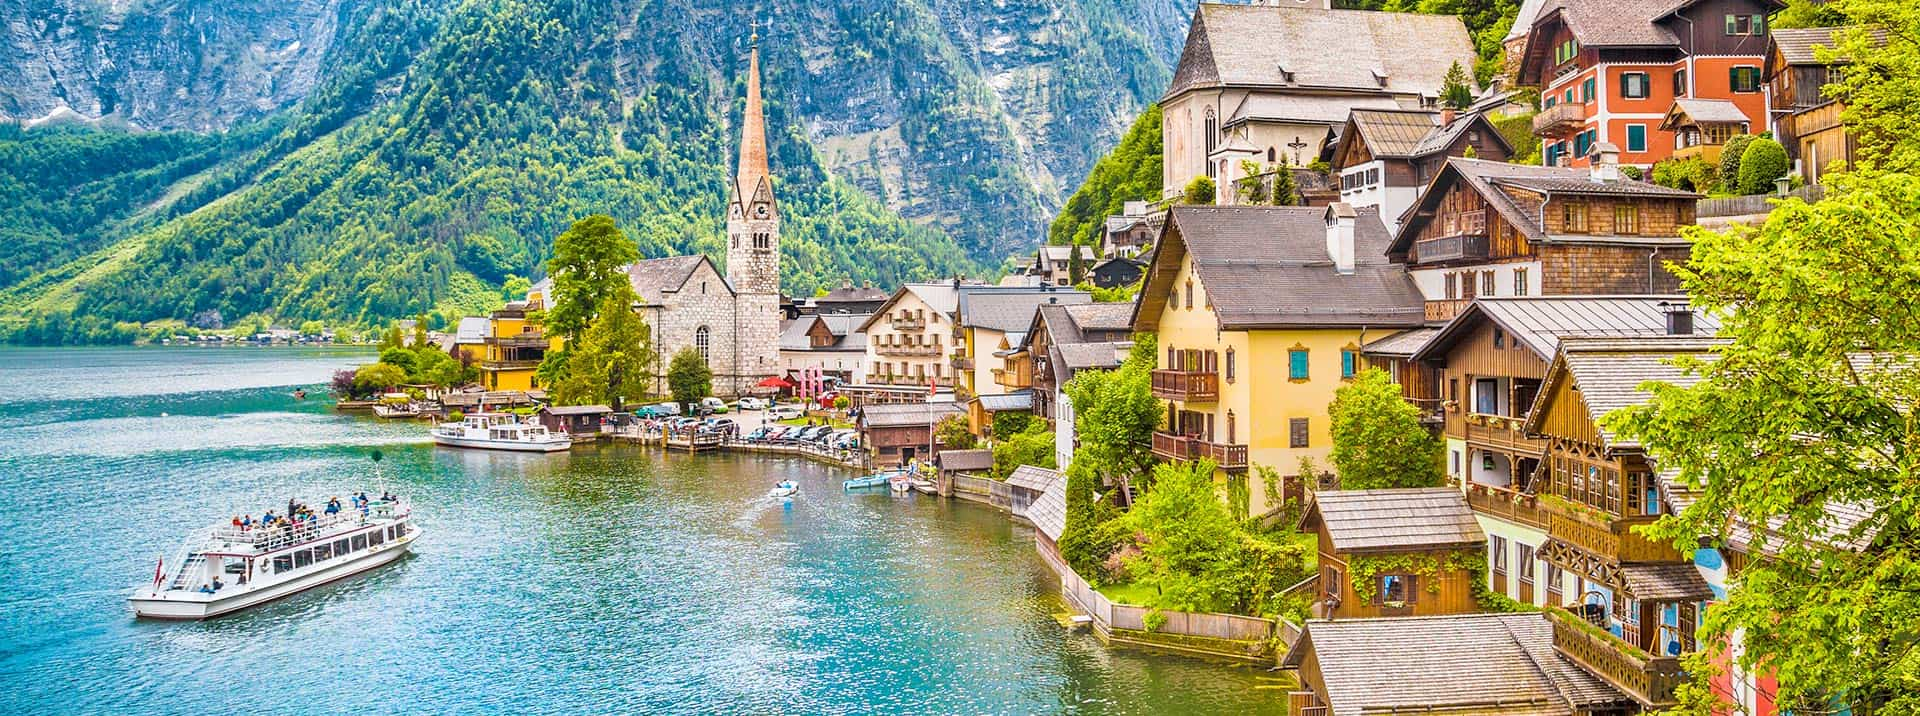 Featured-Image_Austria